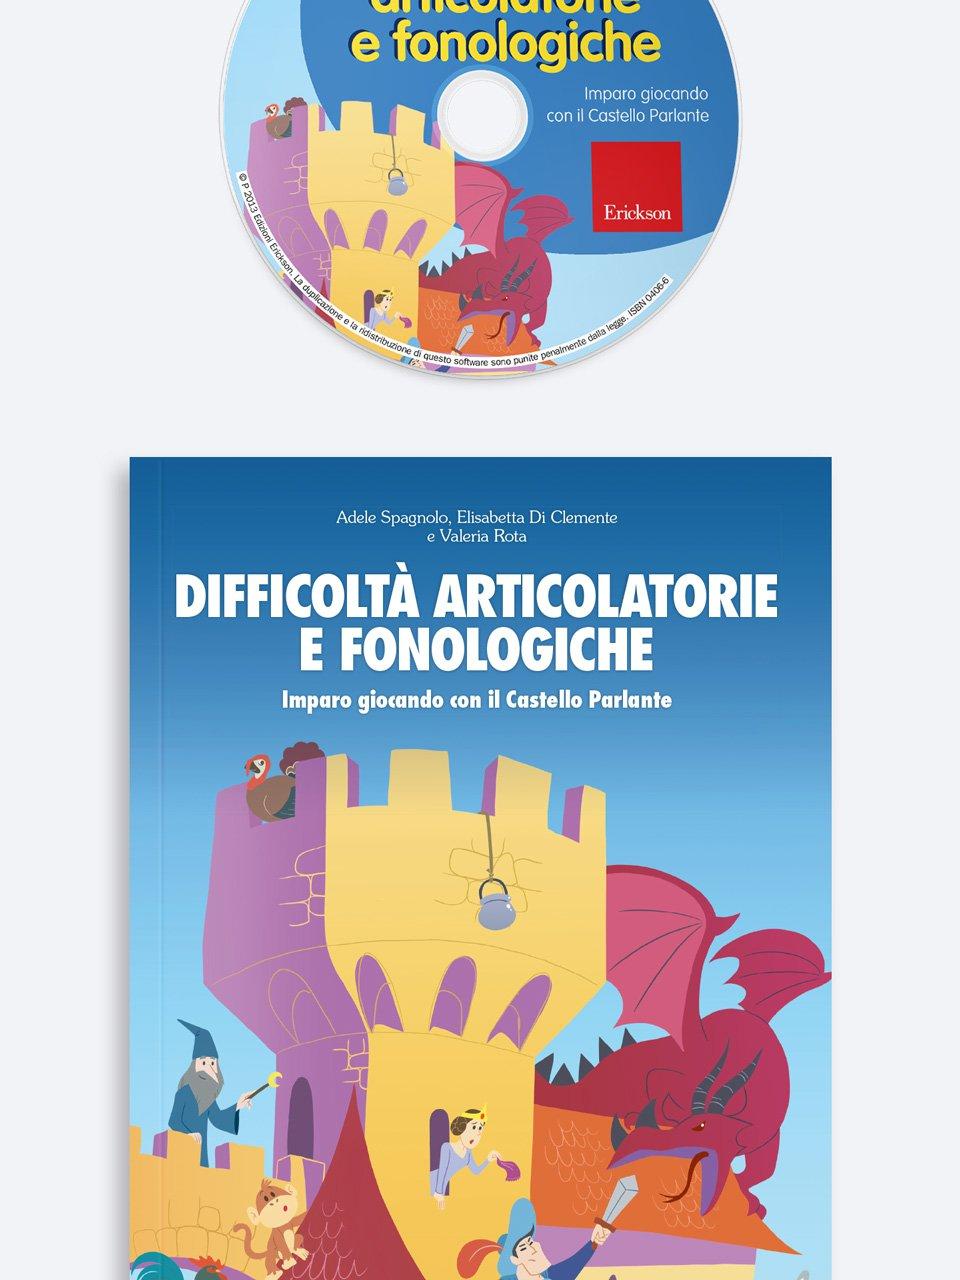 Difficoltà articolatorie e fonologiche - Test TVL - Valutazione del linguaggio - Libri - Strumenti - Erickson 3